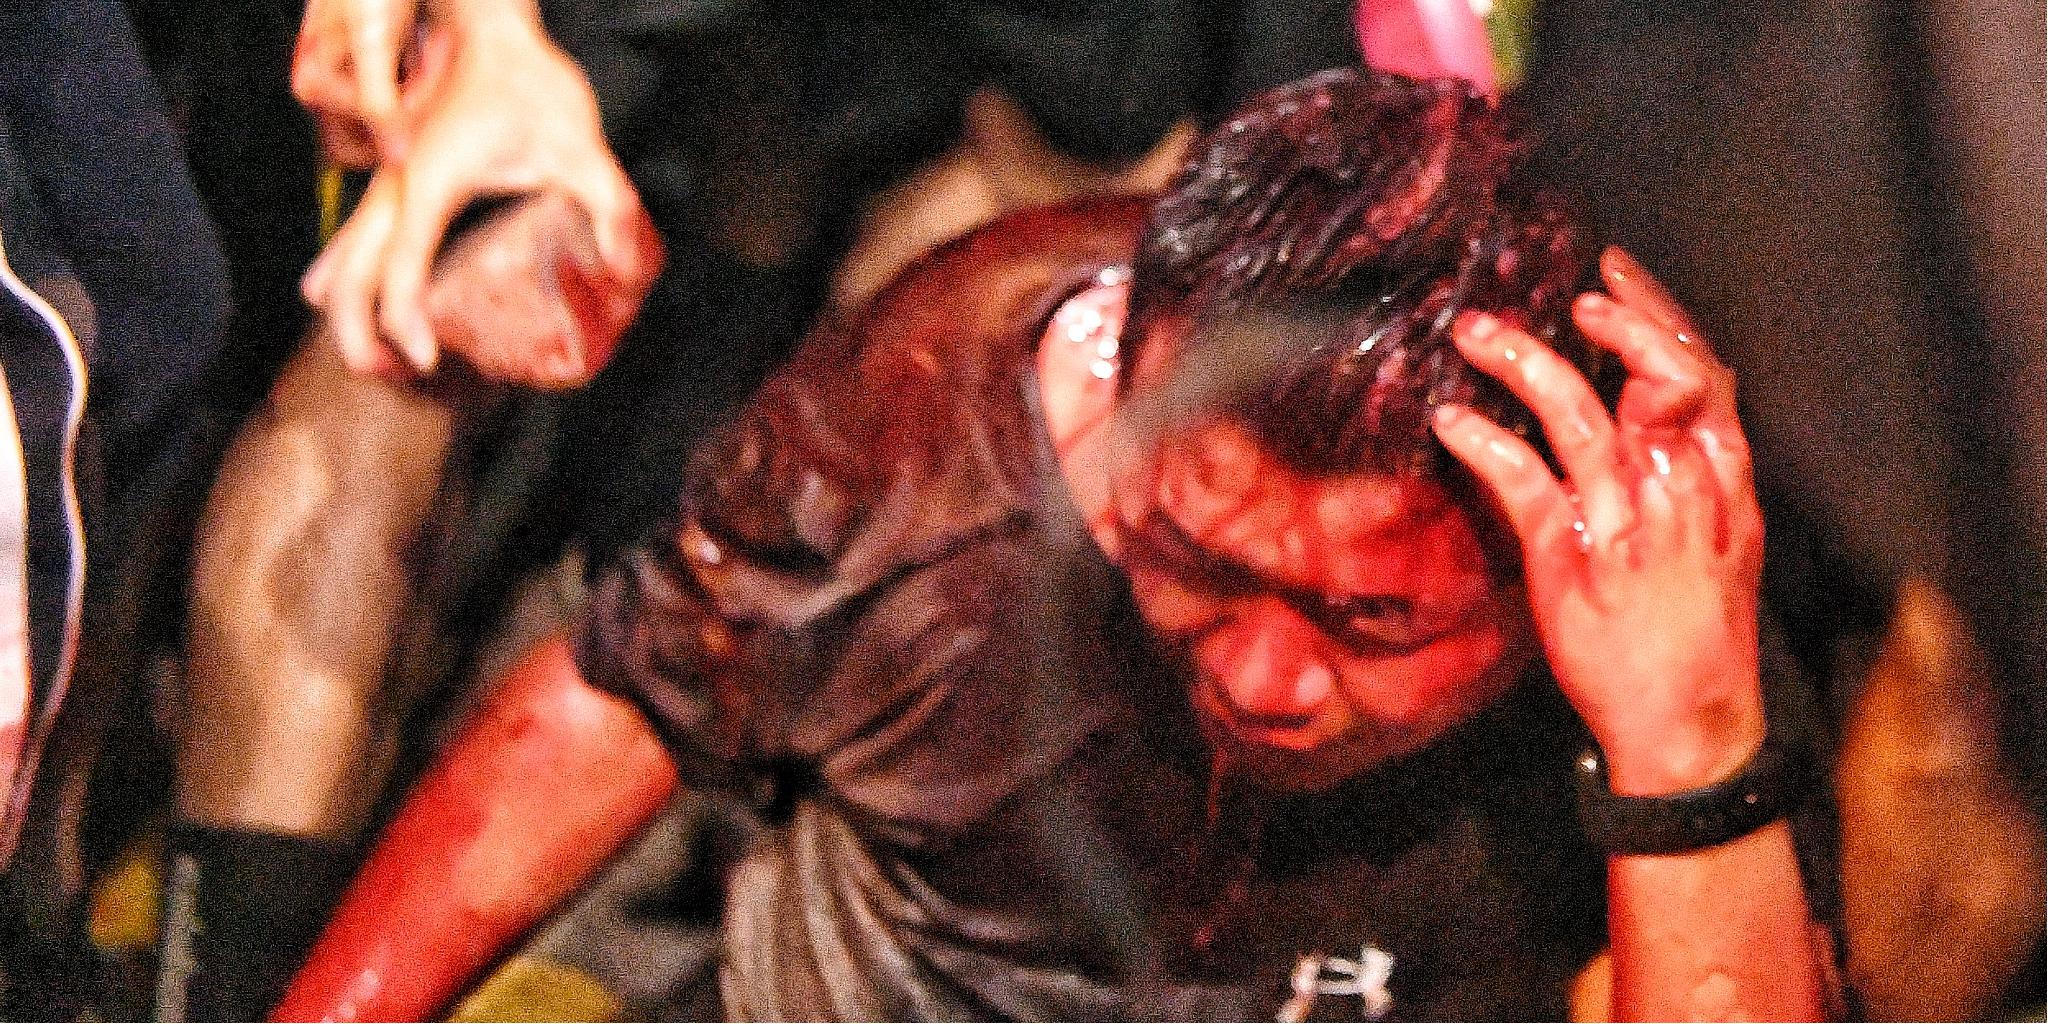 香港警方拘捕兩名男子 涉嫌去年11月襲擊內地遊客一案